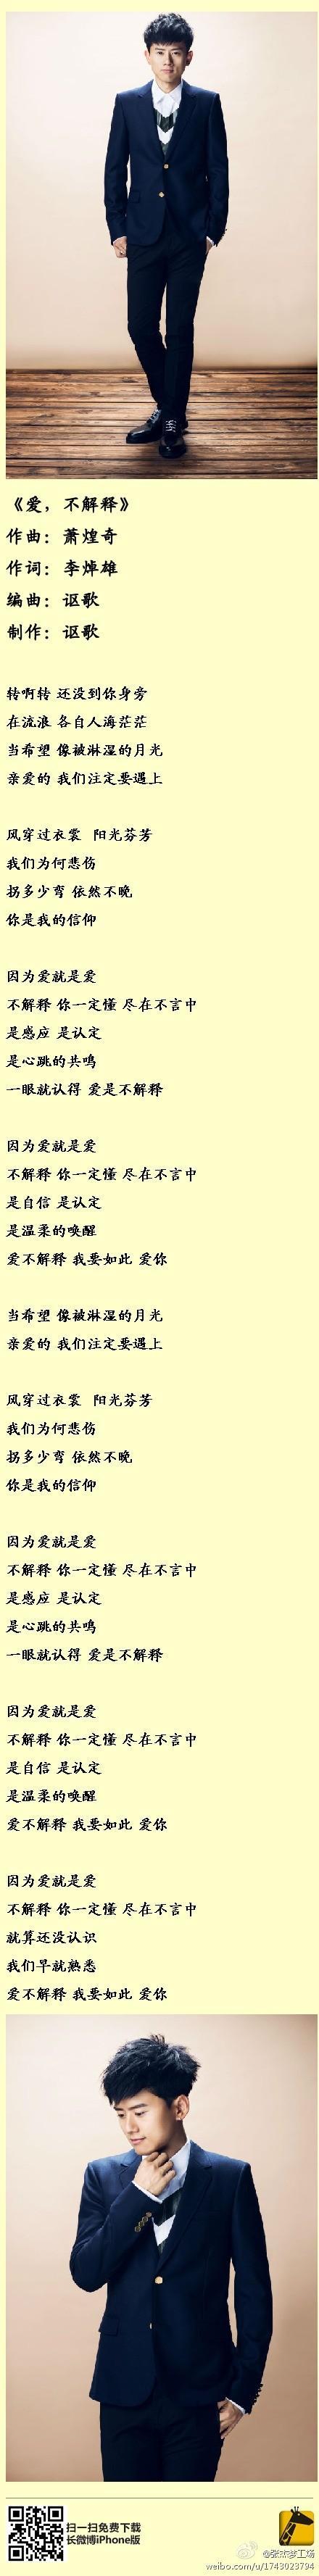 天天想你-张杰(MP3歌词/LRC歌词) lrc歌词下载 第1张